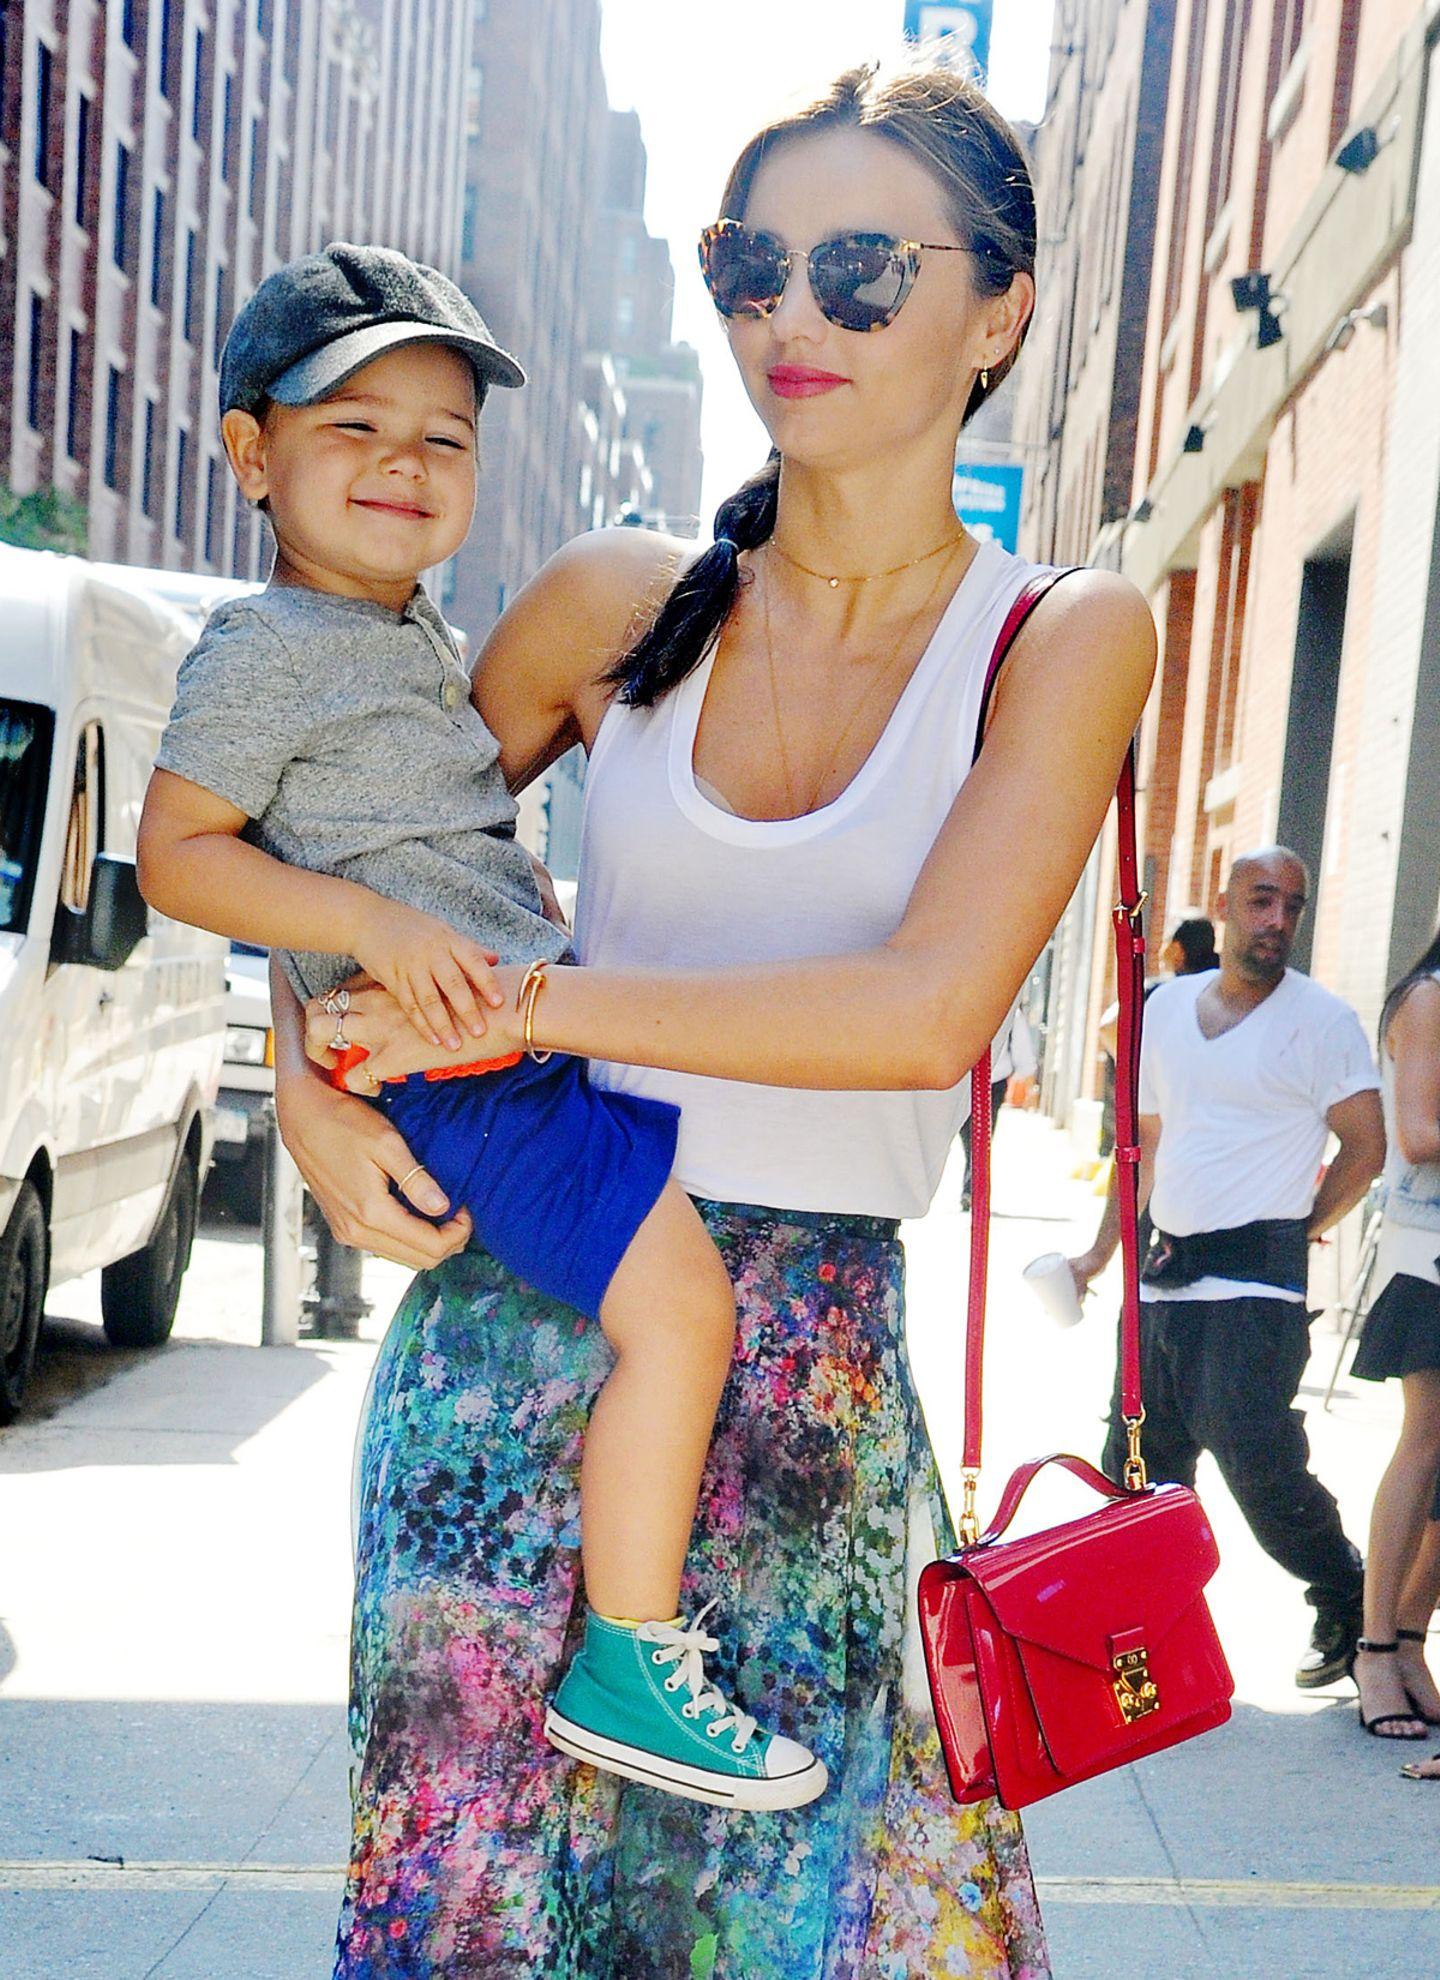 Miranda Kerrs kleine Lacktasche von Louis Vuitton ist ein schönes Accessoire zum bunten, sommerlichen Outfit.